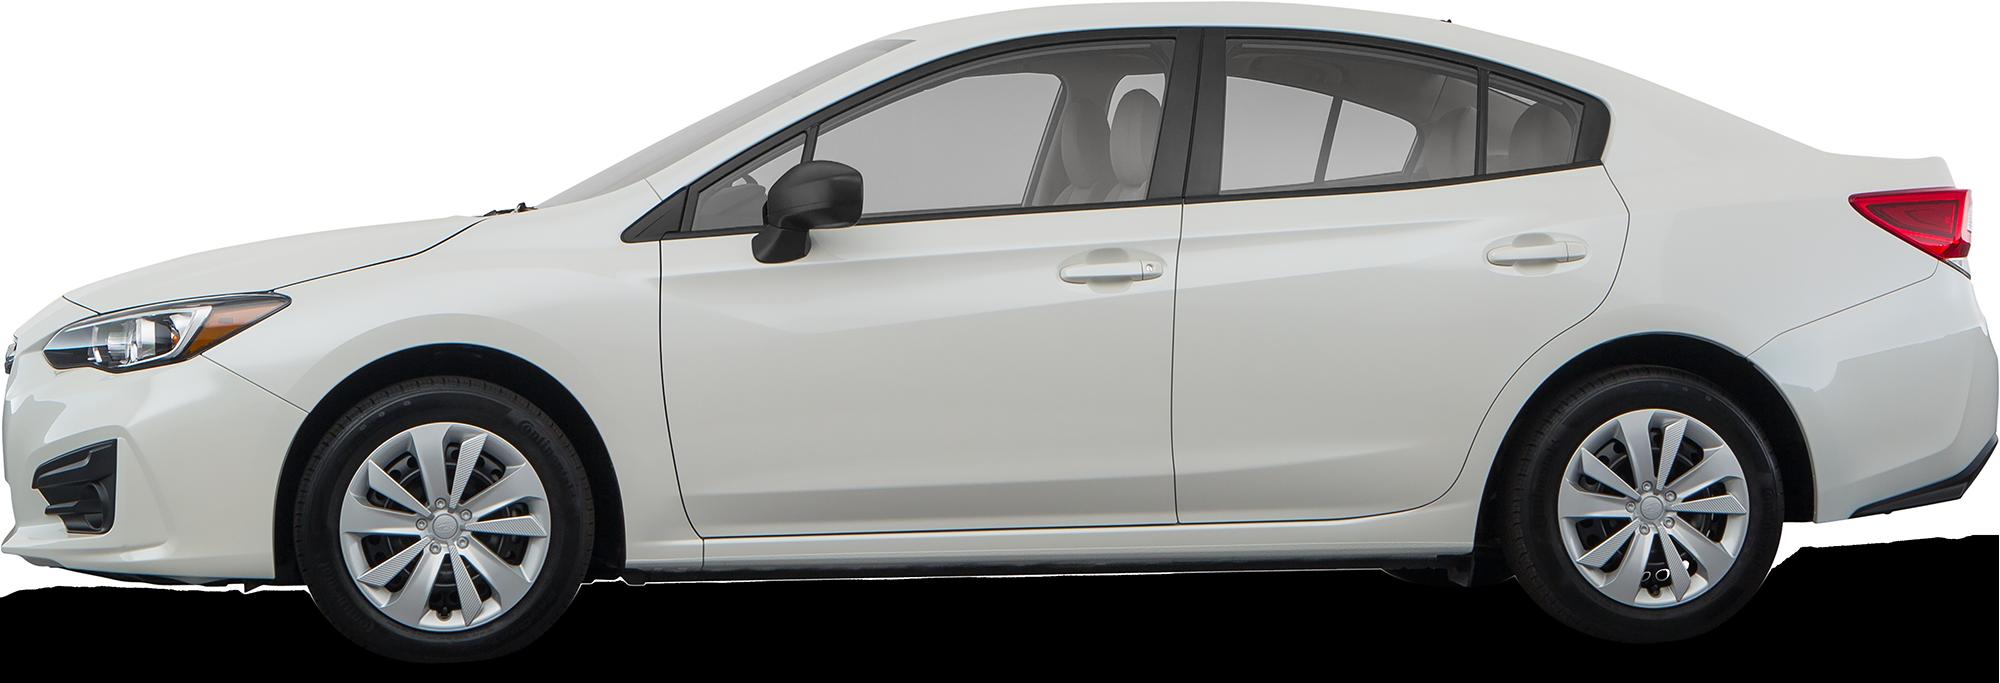 2019 Subaru Impreza Sedan 2.0i